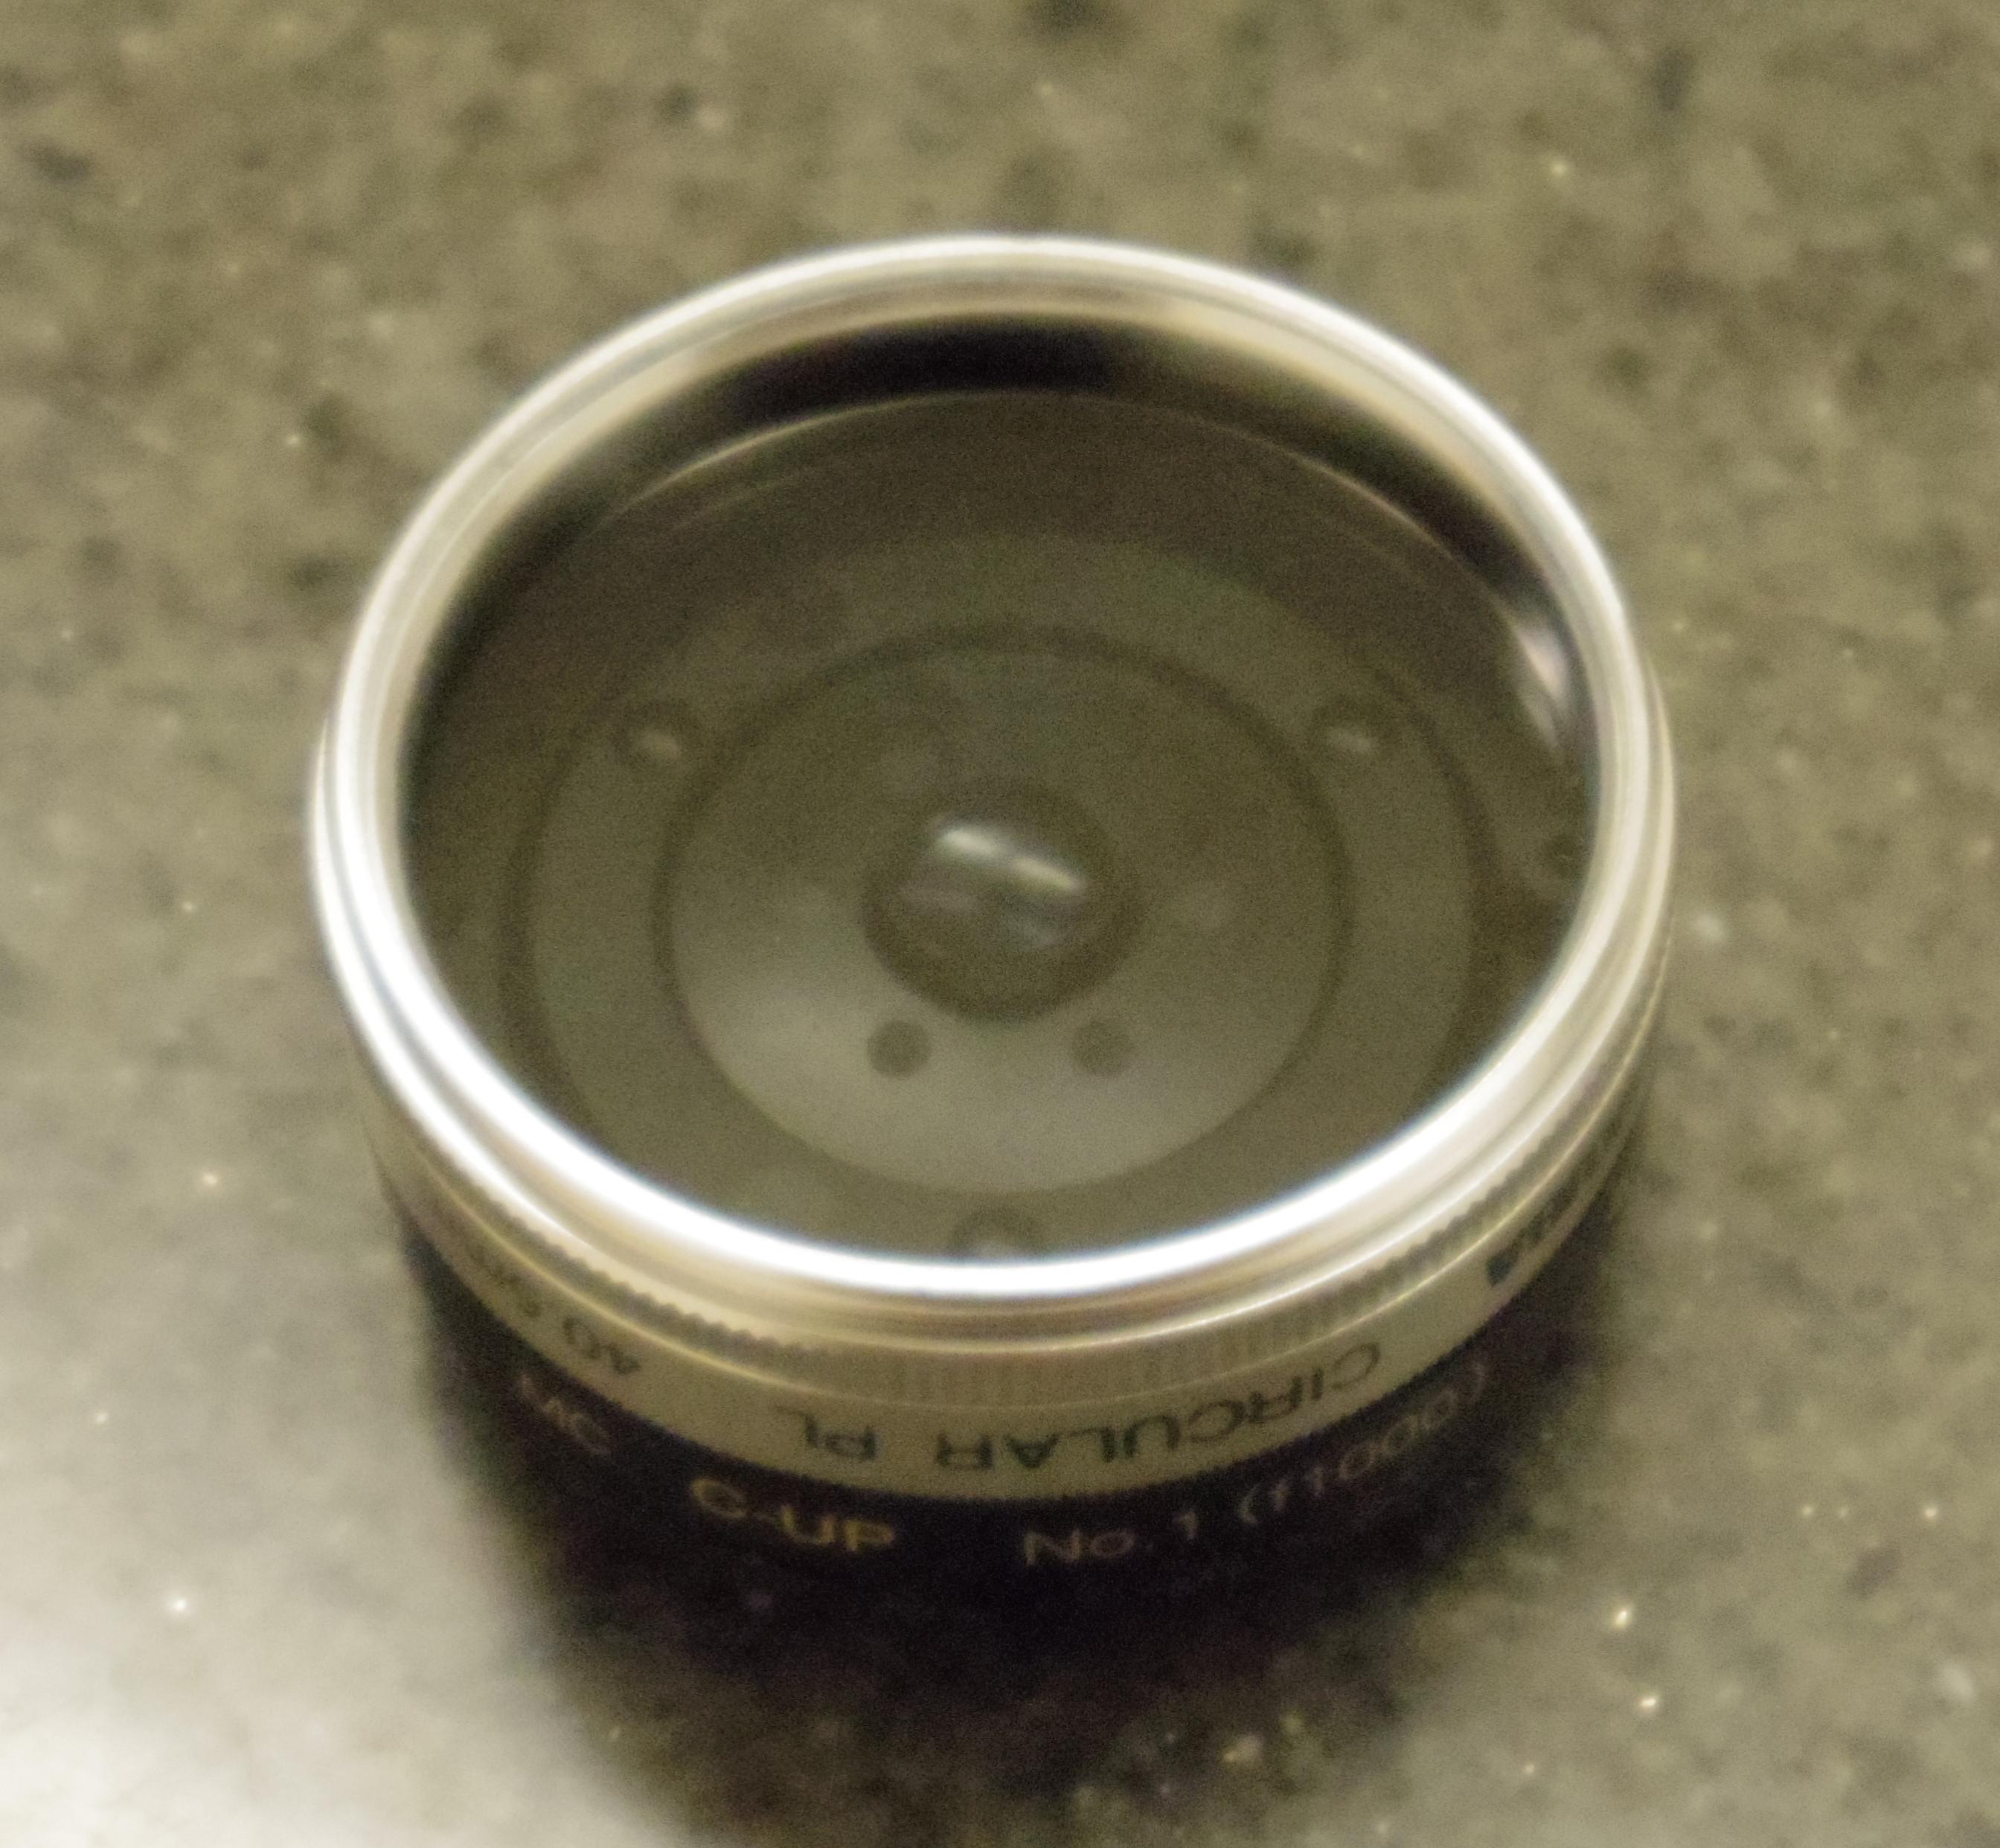 lensa-1